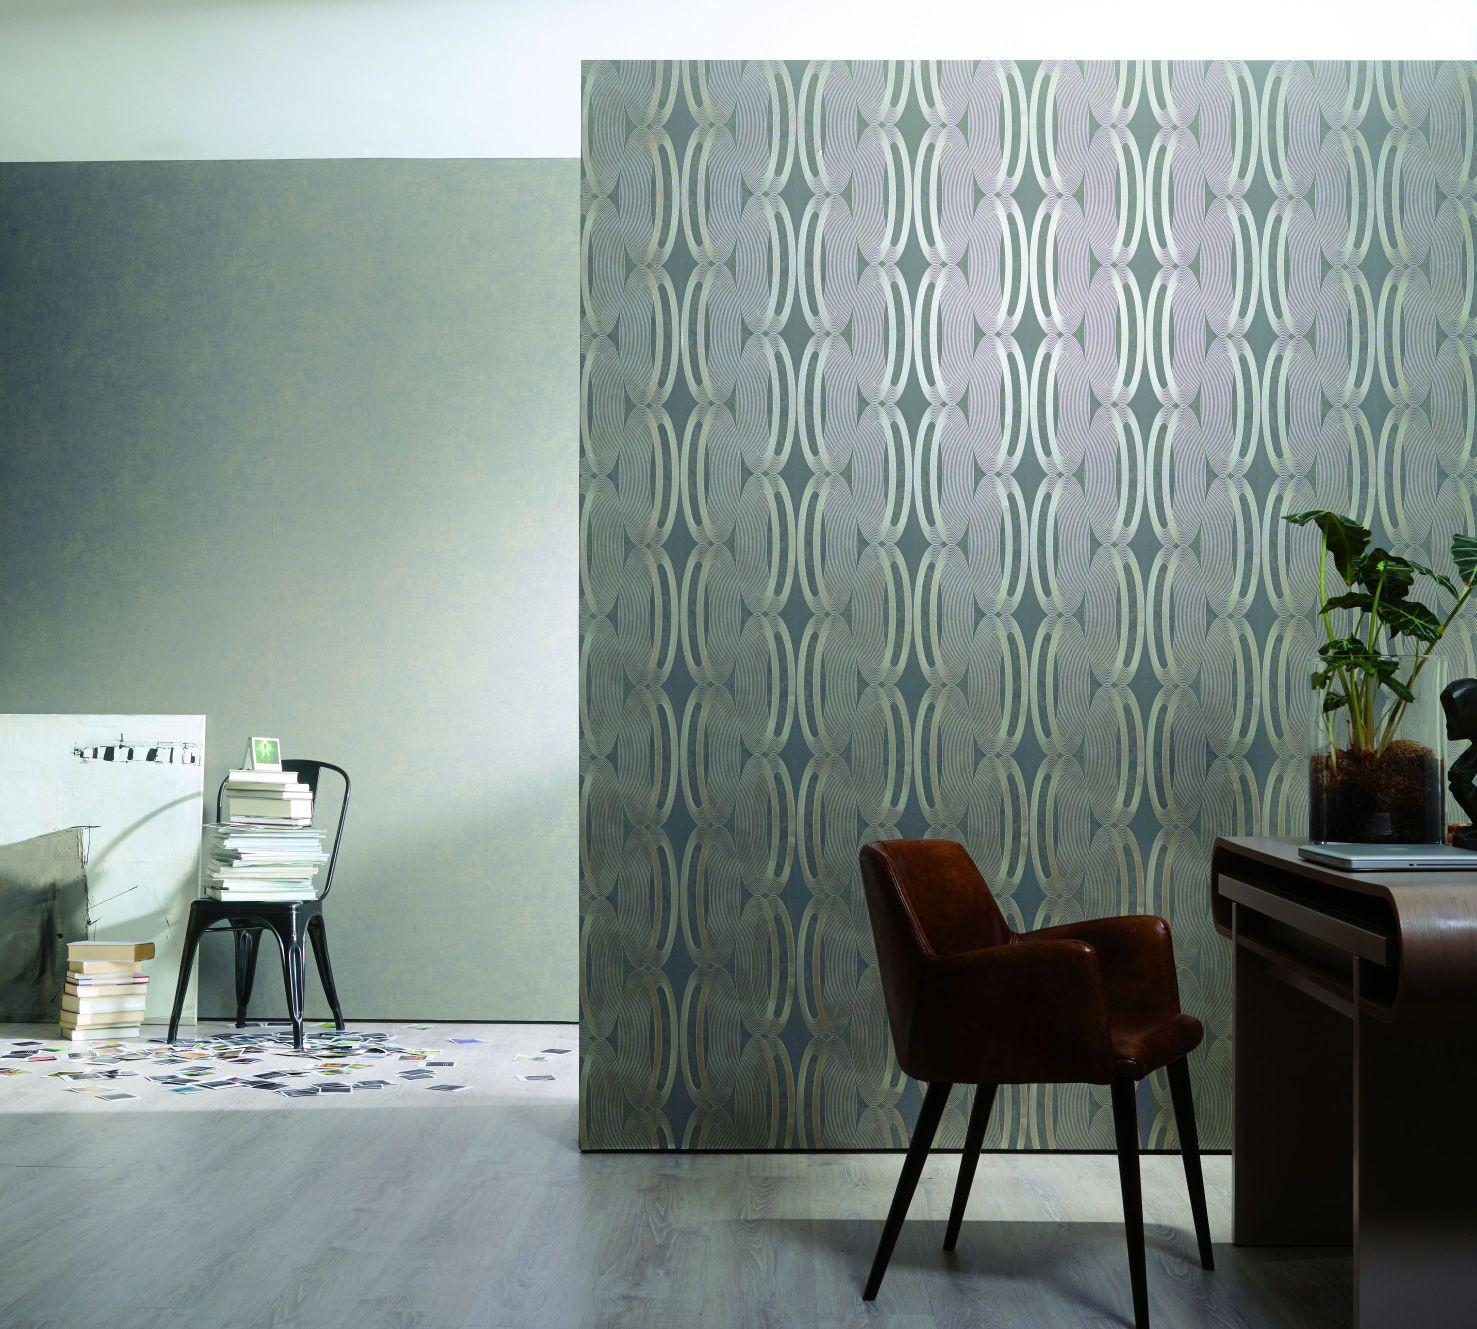 vliestapete marburg 55226 marmoroptik grau beige. Black Bedroom Furniture Sets. Home Design Ideas